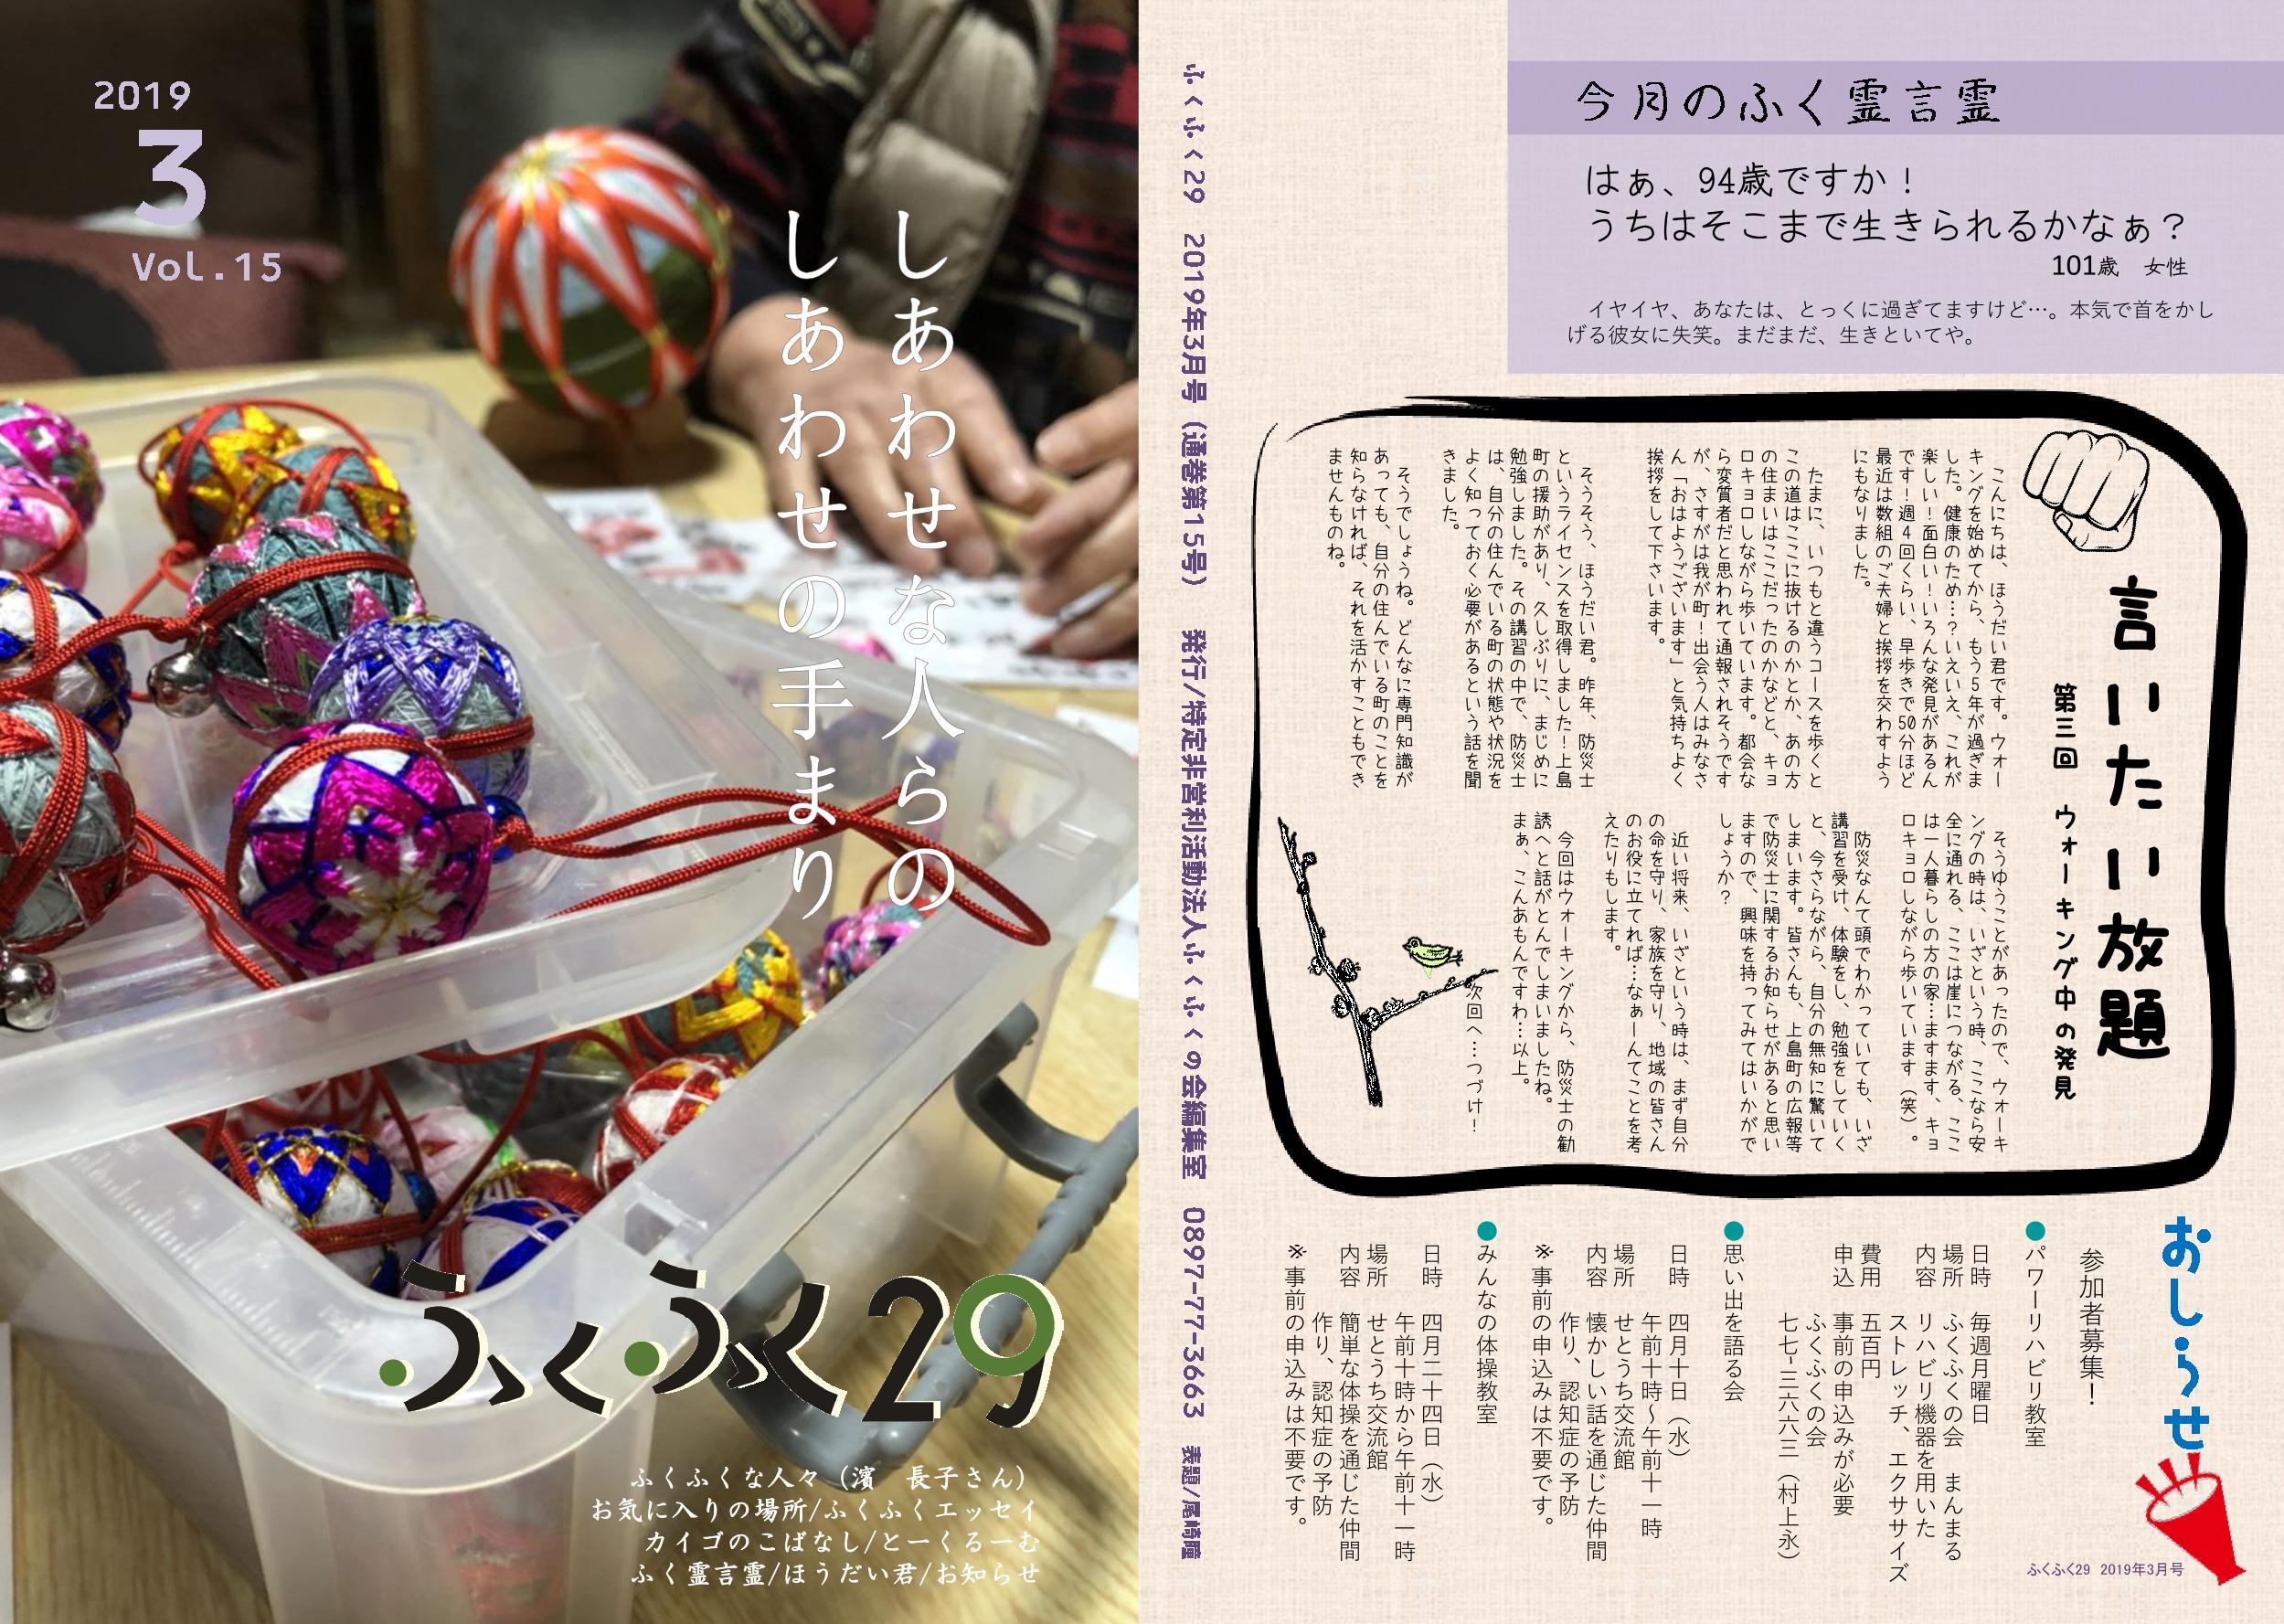 http://fukufukunokai.com/newsletter/images/%E3%81%B5%E3%81%8F%E3%81%B5%E3%81%8F29%E3%80%802019%E3%80%803%E6%9C%88%E5%8F%B7%28PDF%29_cropped_1.jpeg